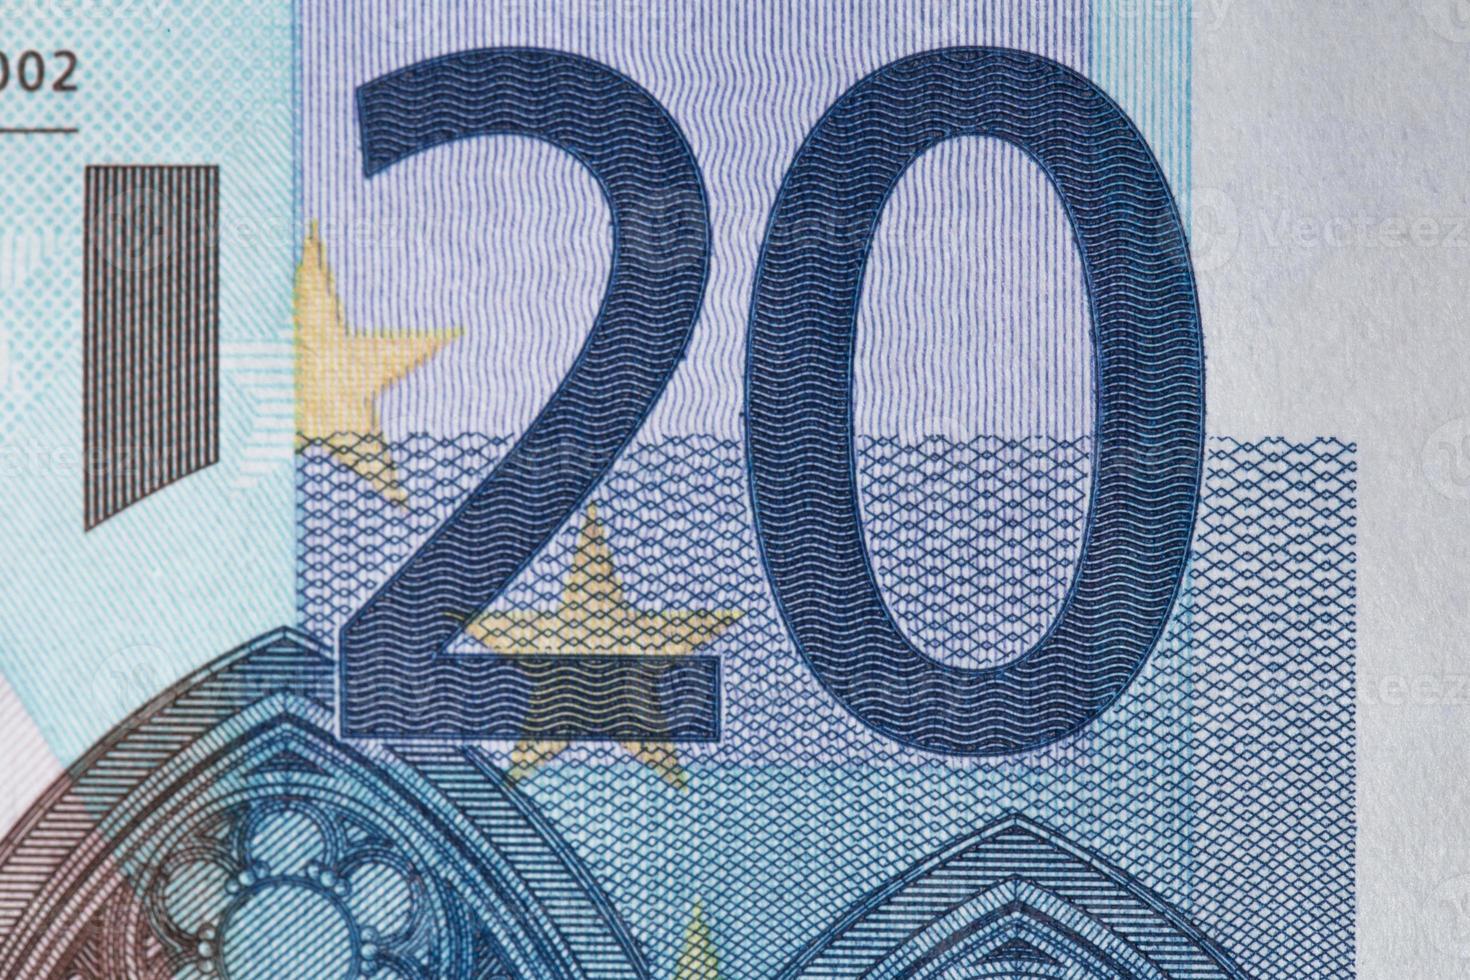 Billet de 20 euros se bouchent photo